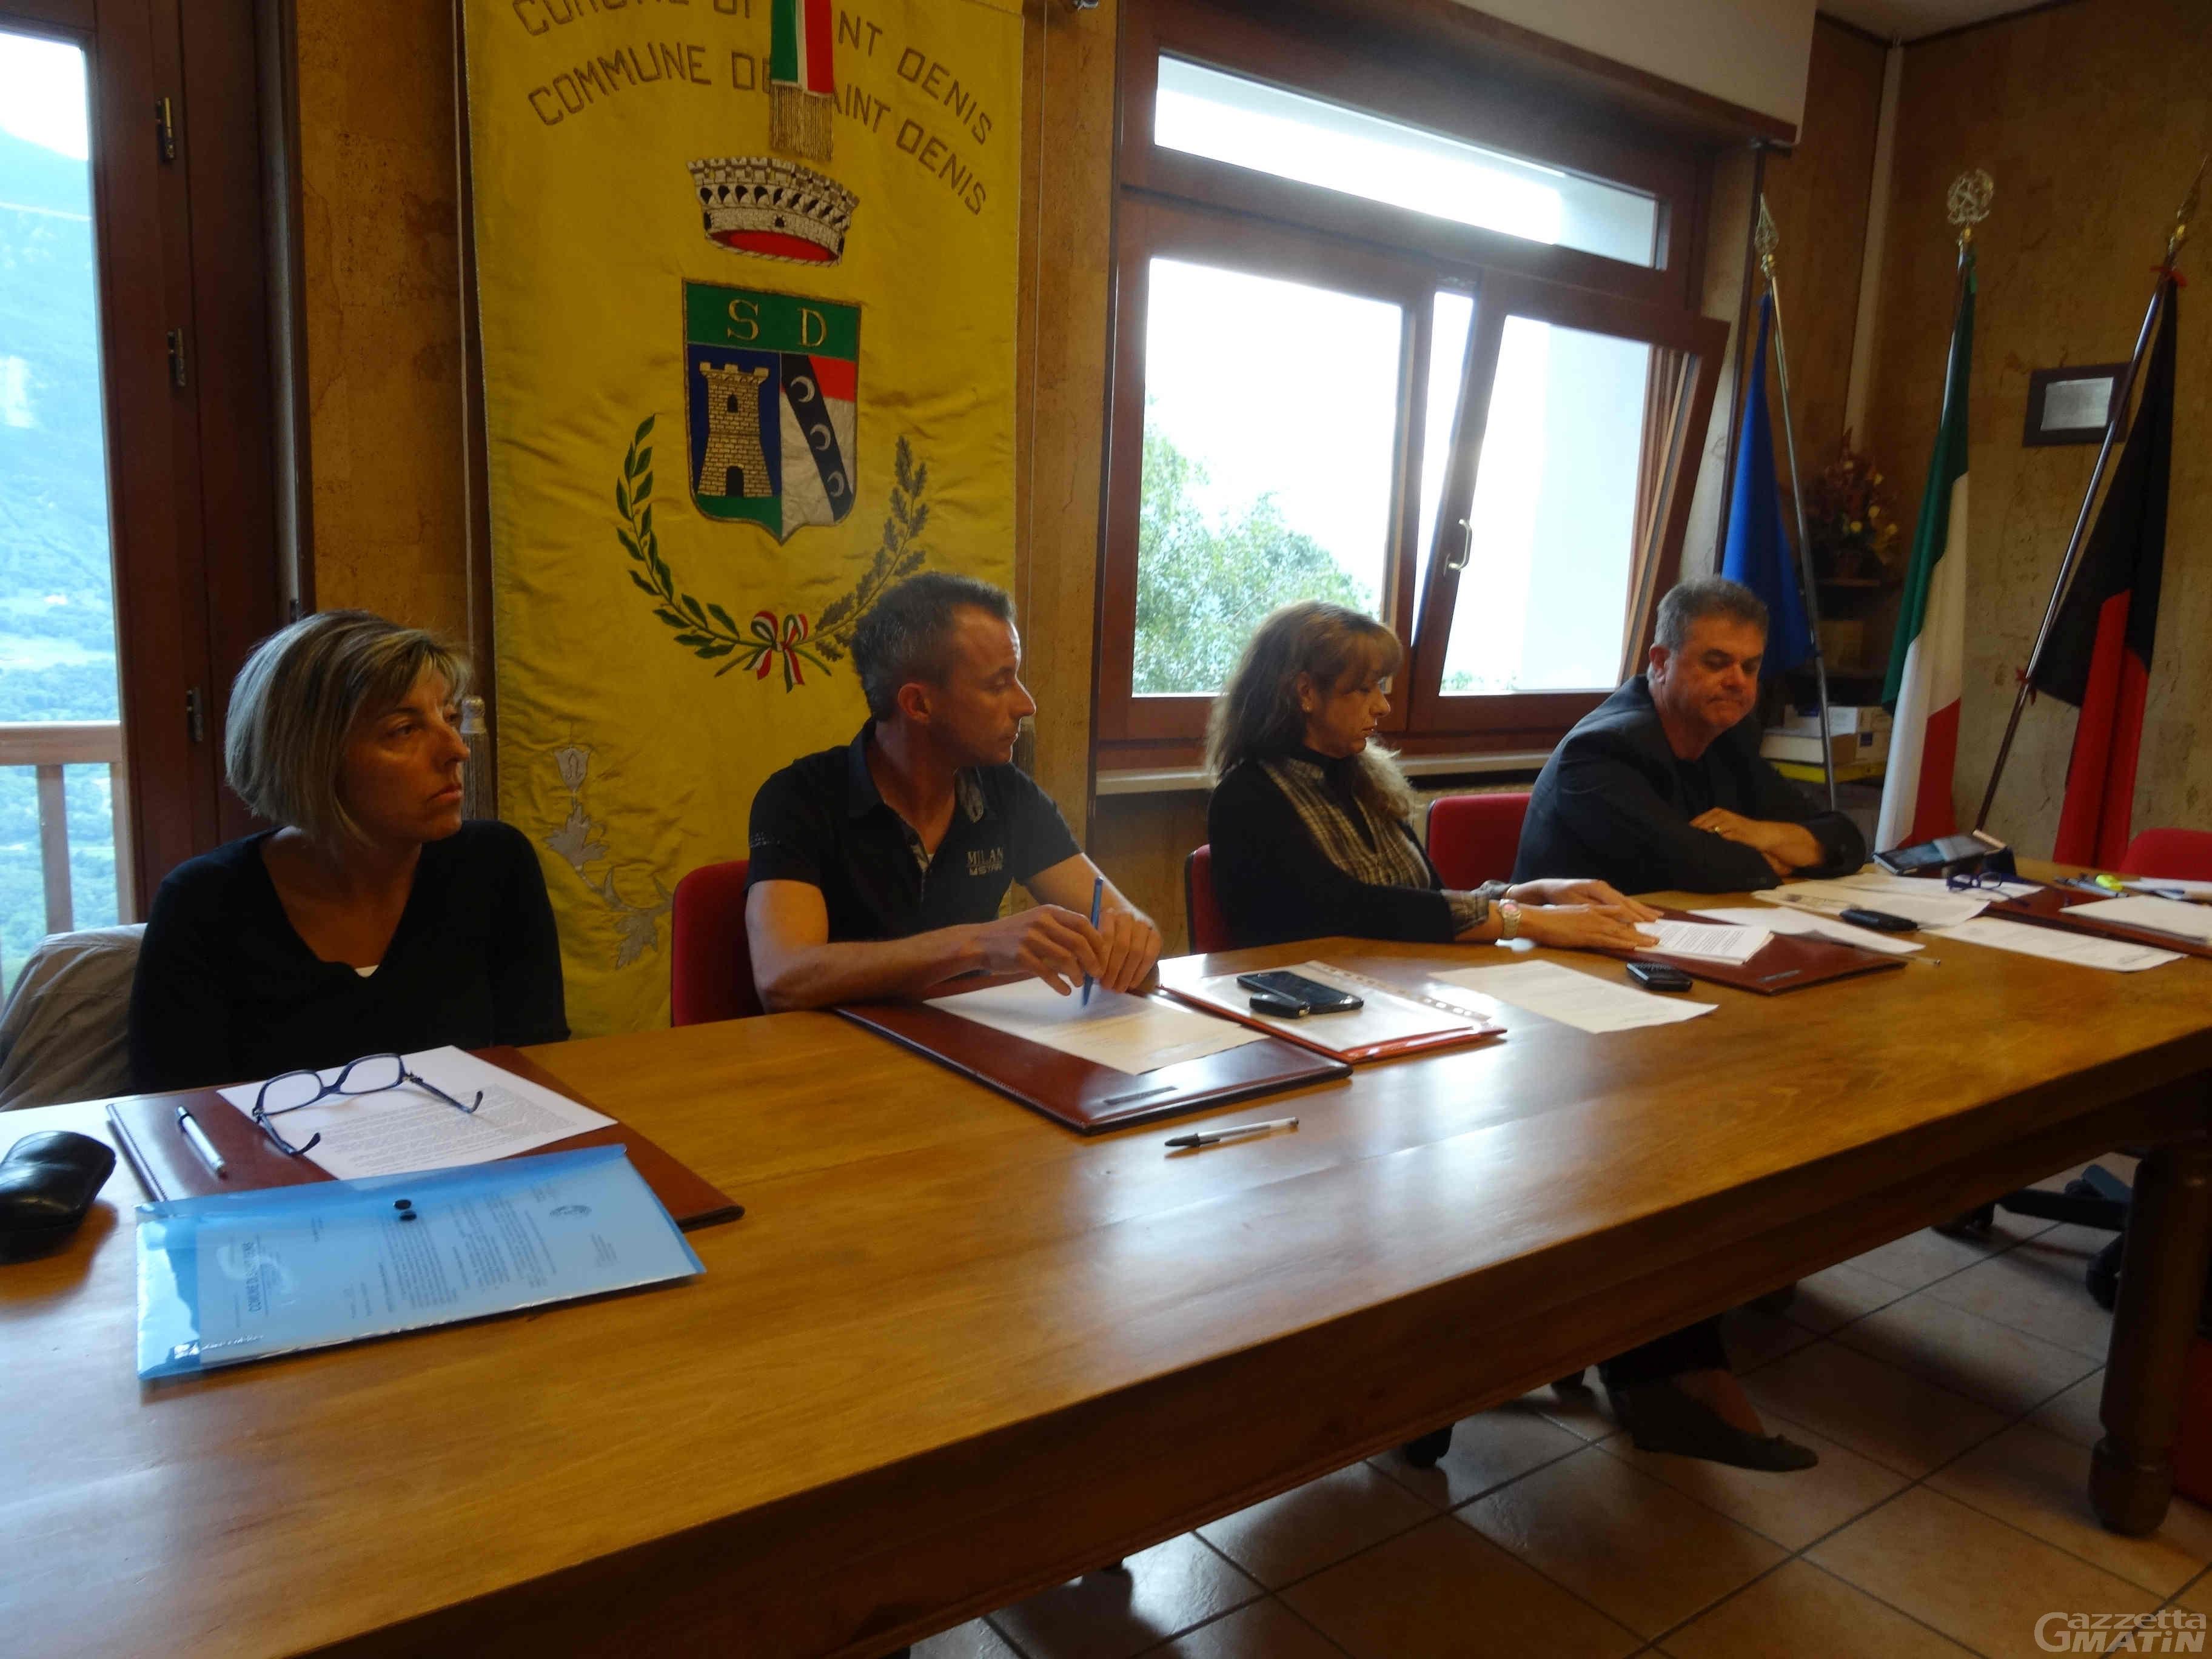 Comuni: Saint-Denis, in Consiglio gli eletti si spaccano